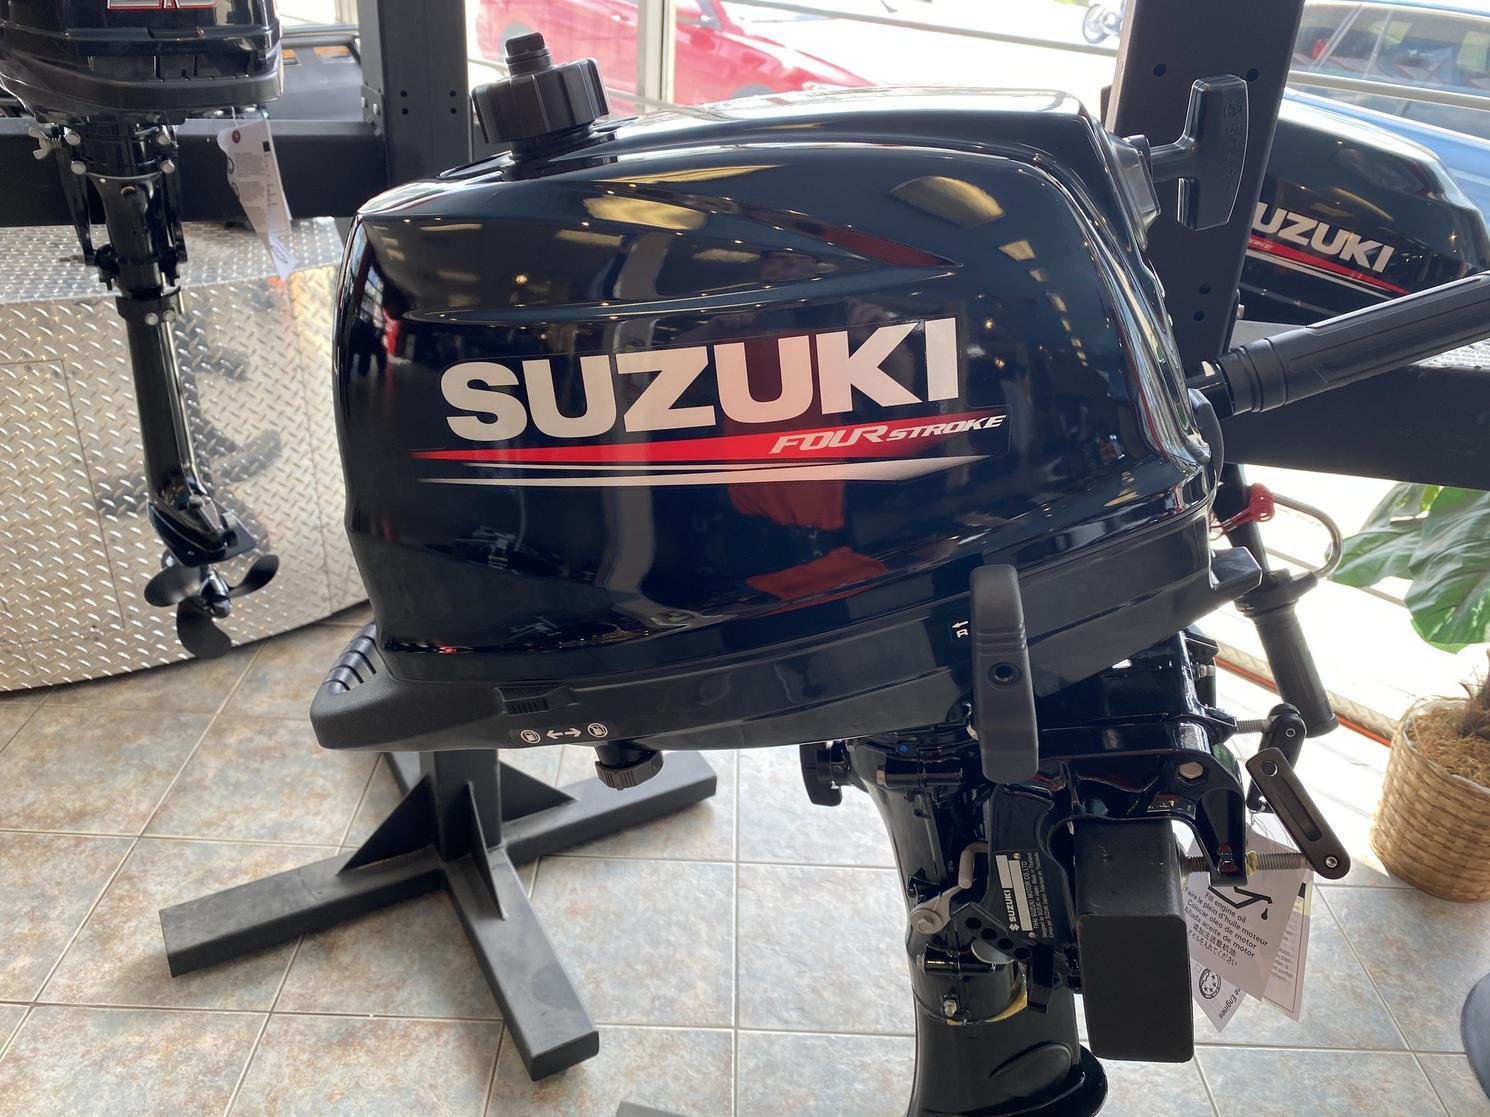 2020 Suzuki DF 4 PIED COURT STANDARD